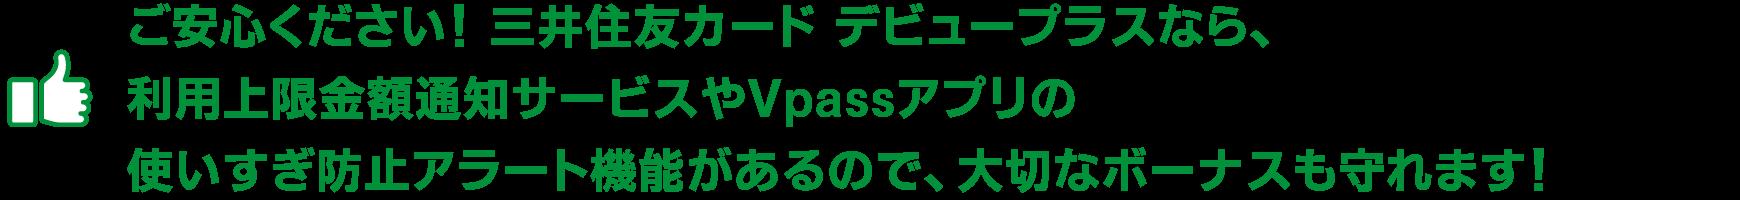 ご安心ください! 三井住友カード デビュープラスなら、利用上限金額通知サービスやVpassアプリの使いすぎ防止アラート機能があるので、大切なボーナスも守れます!